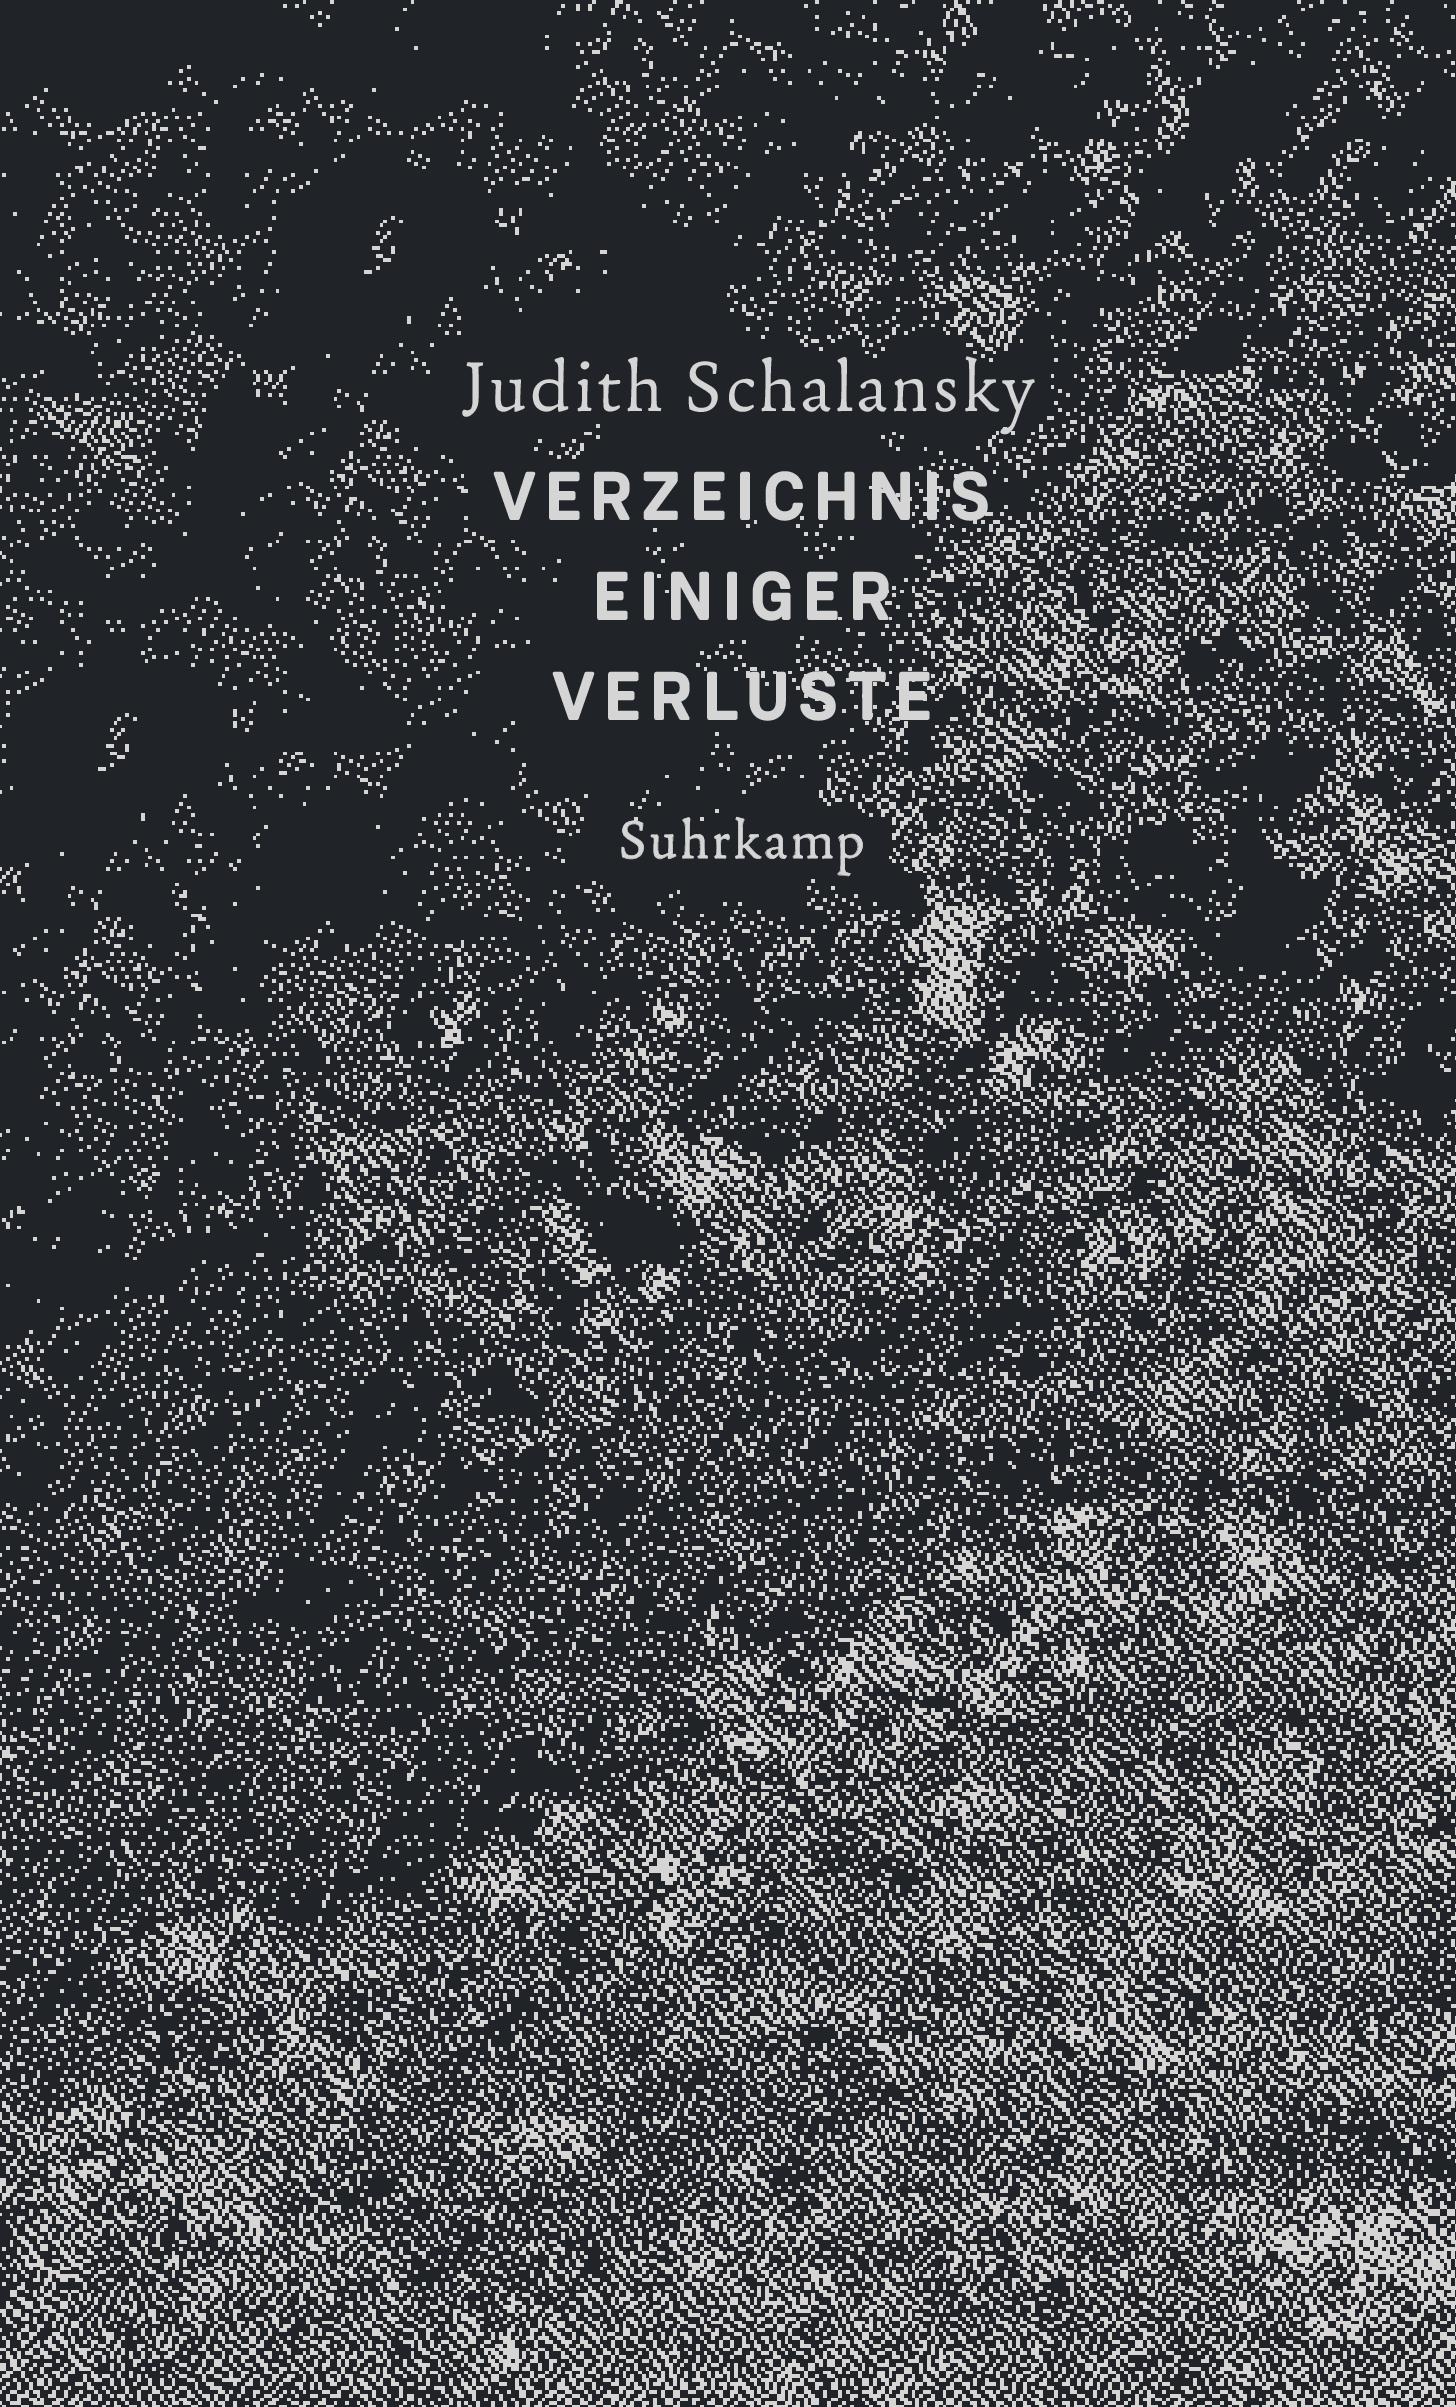 Verzeichnis einiger Verluste von Judith Schalansky Parkbuchhandlung Buchhandlung Bonn Bad Godesberg